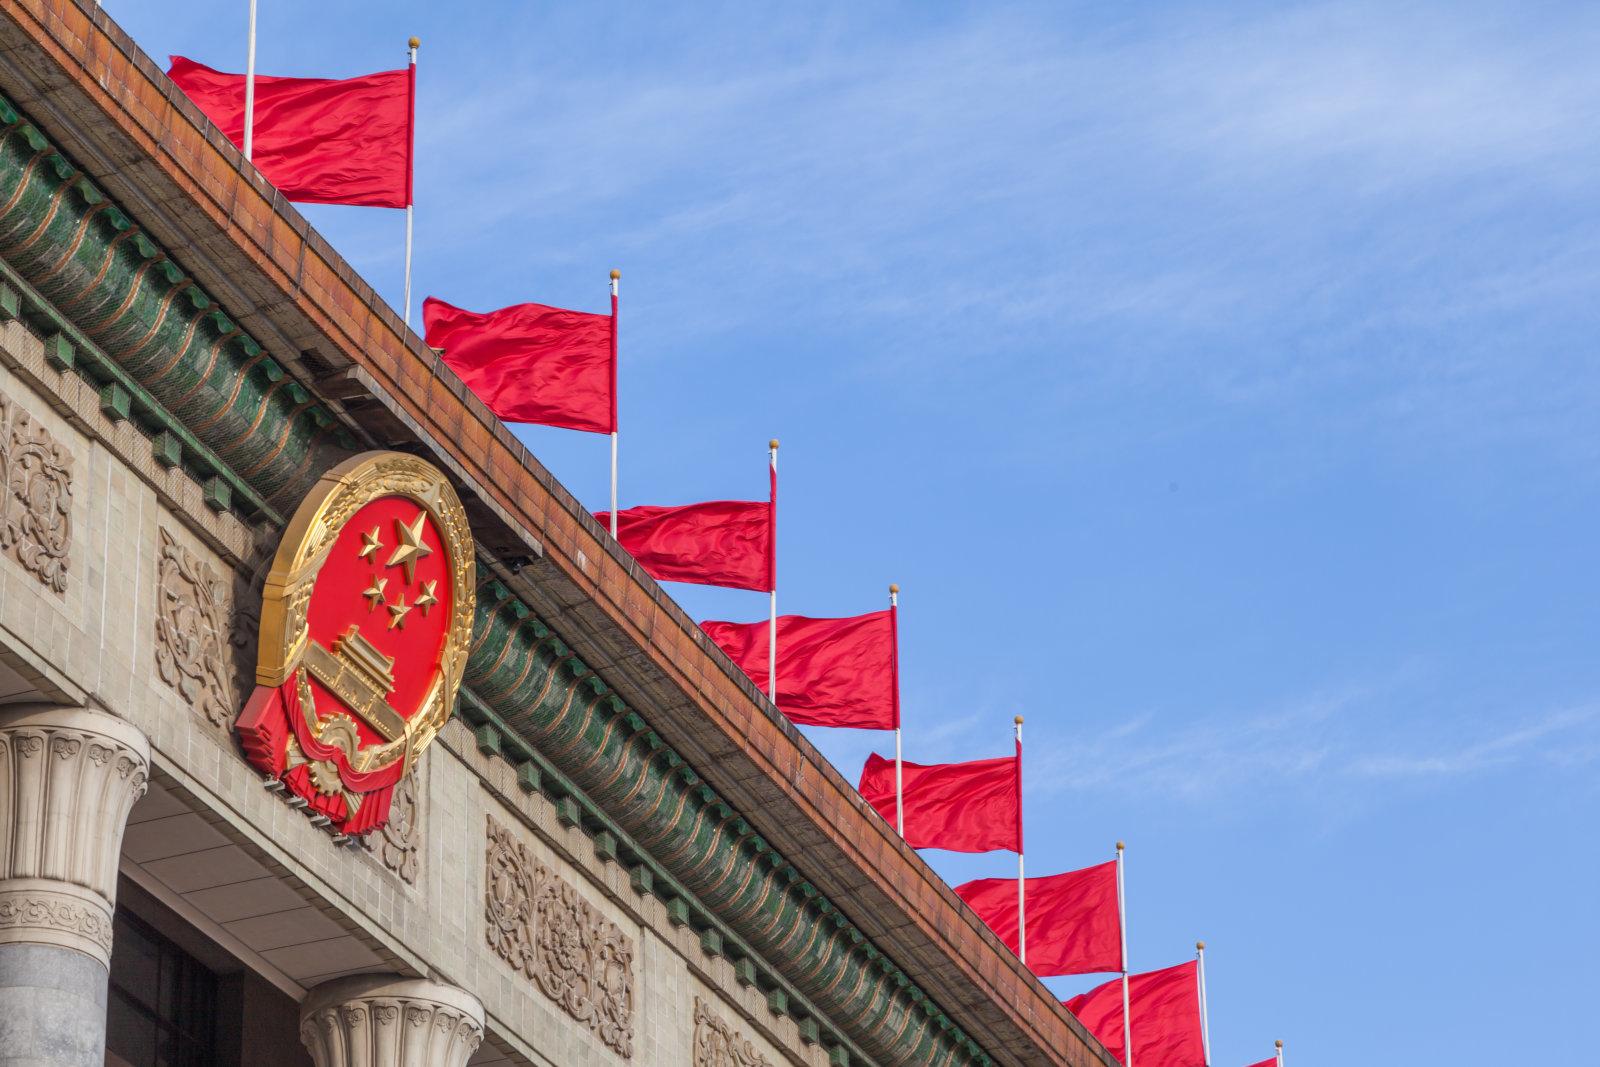 چین تمام سازمانهای دولتی را از استفاده از فناوریهای ساخت آمریکا محروم کرد